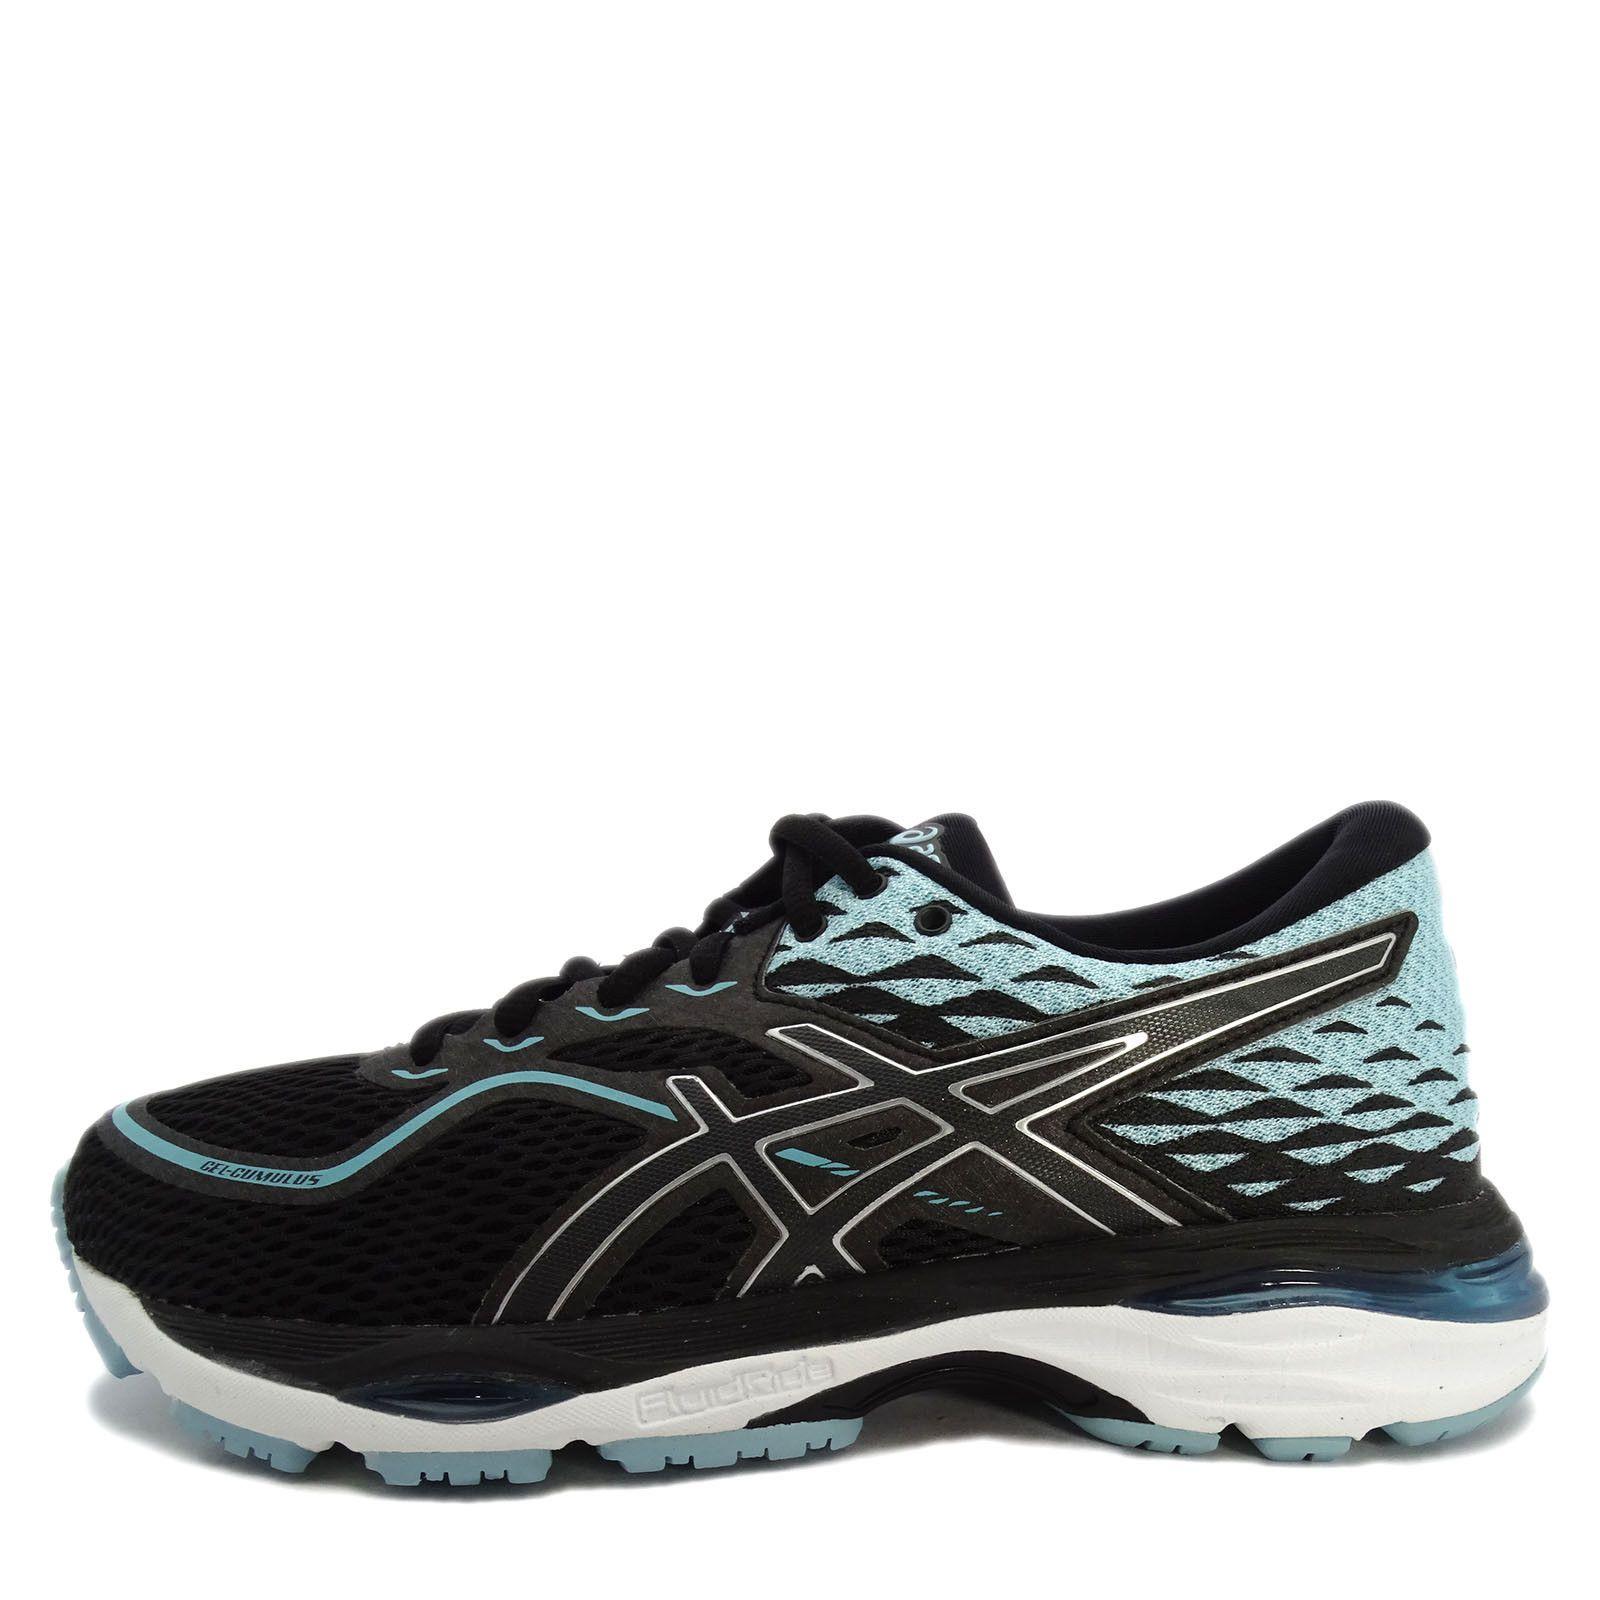 138 95 Asics Gel Cumulus 19 D T7b9n 9014 Women Running Shoes Black White Aqua Asics Cumulus T7 Womens Running Shoes Black Running Shoes Women Shoes